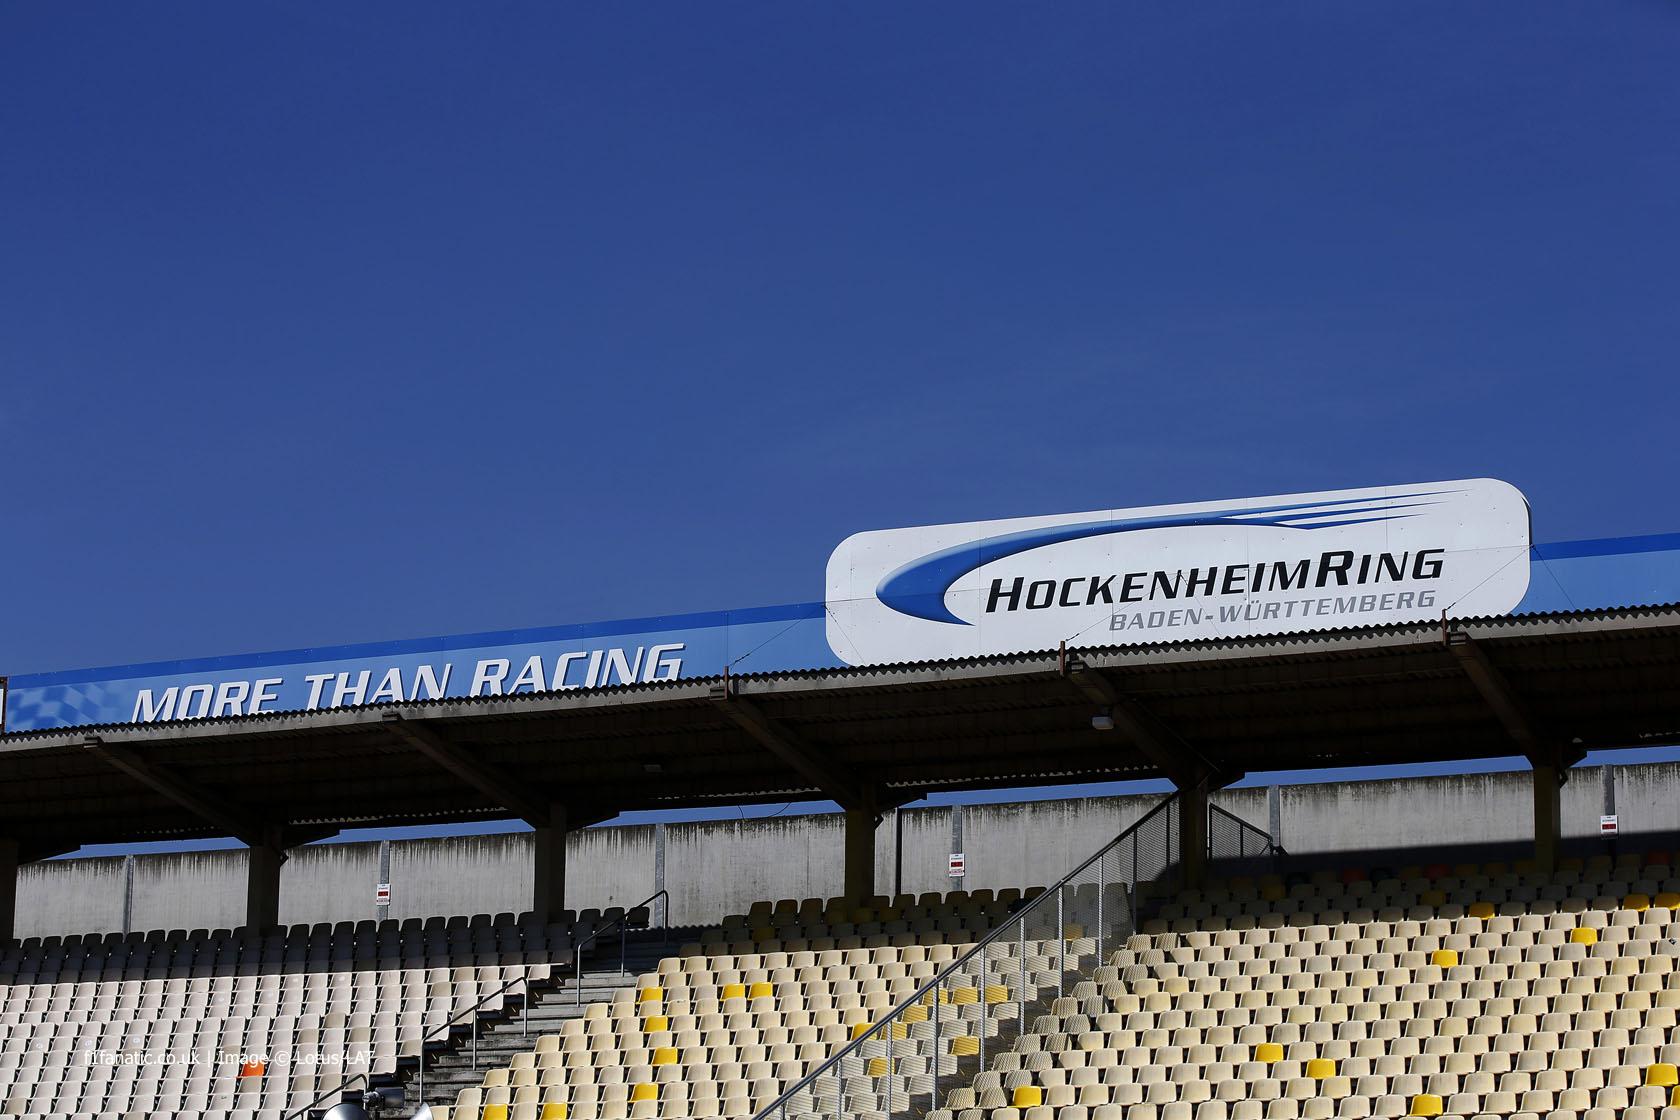 Hockenheimring, 2014